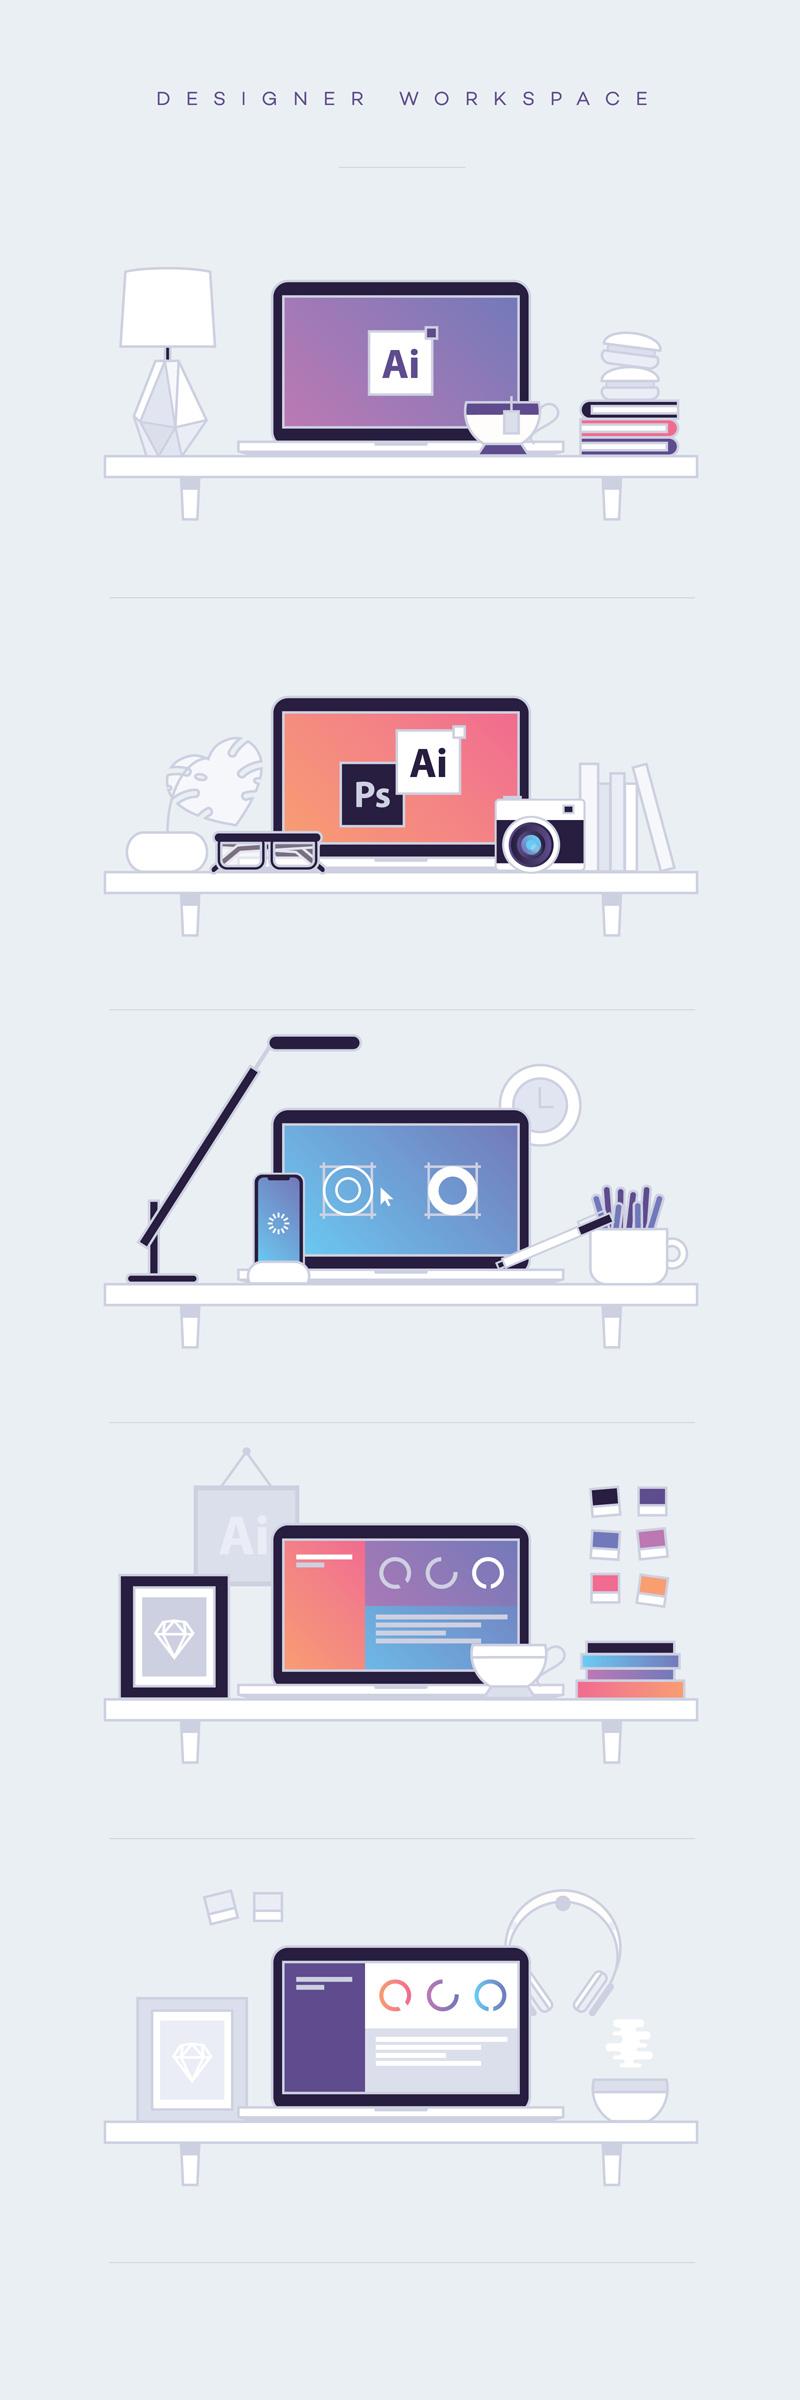 Free Designer Workspace Illustrations